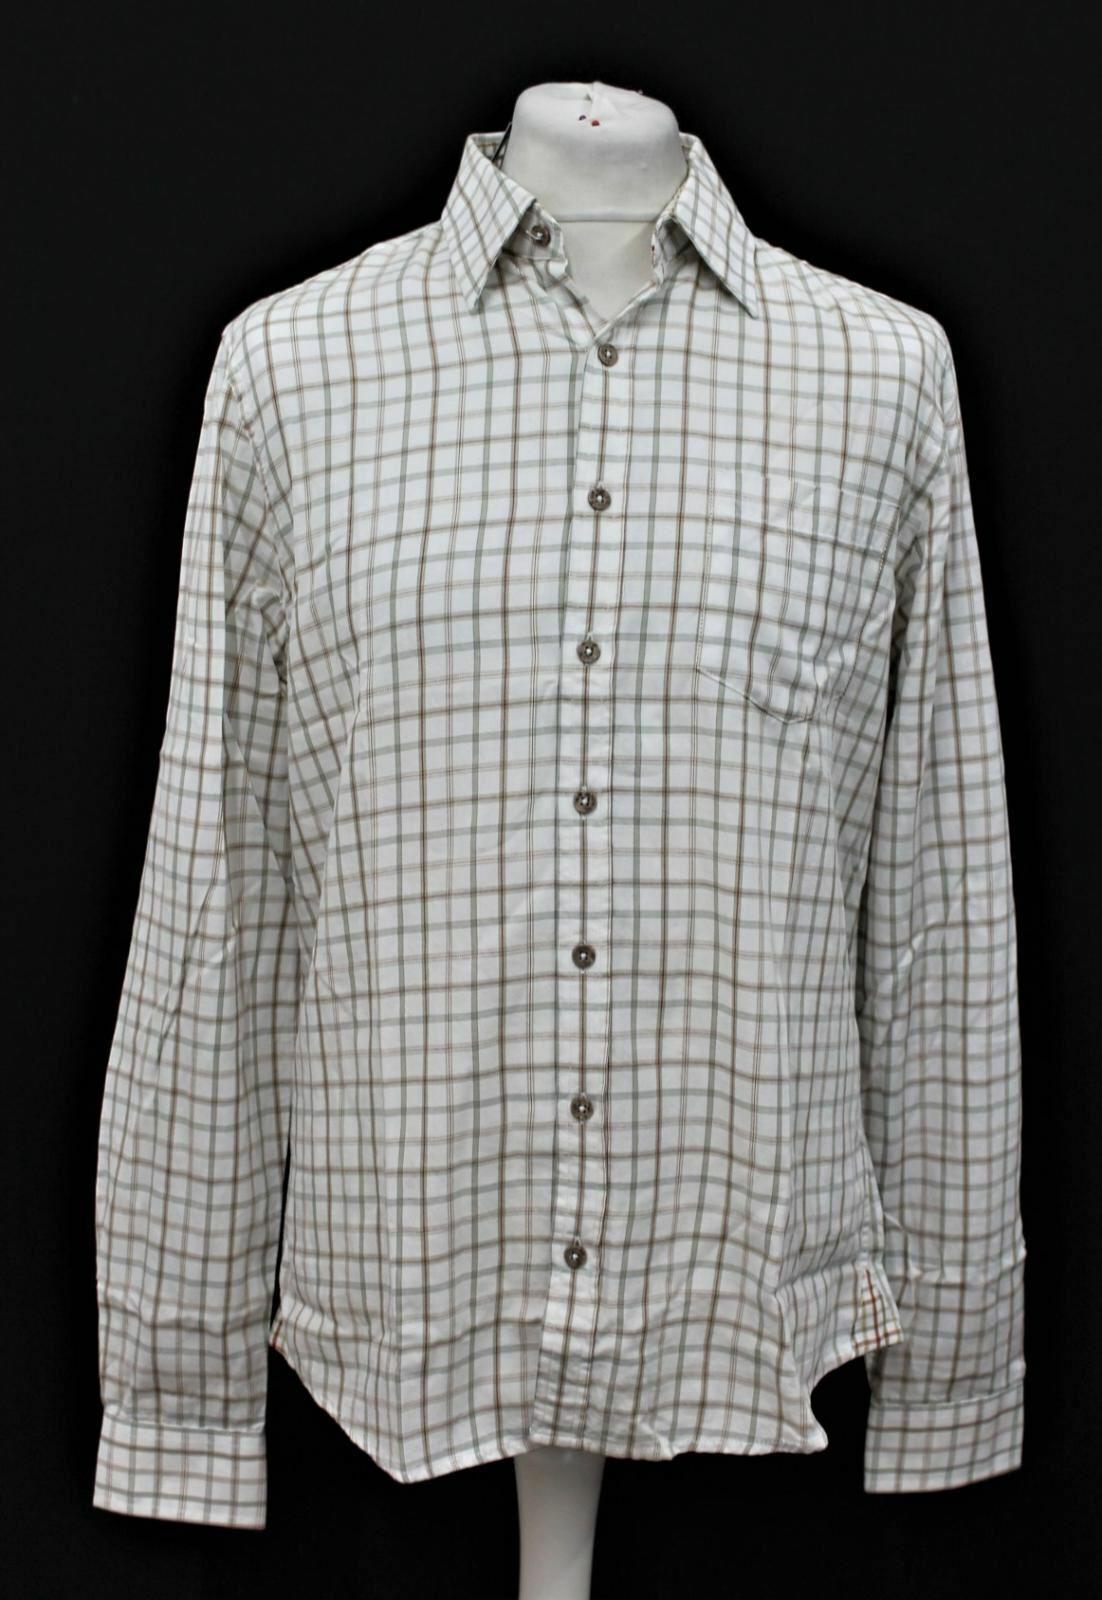 BNWT Dubarry uomo Legno Beige Multi manica lunga cotone Check camicia taglia M